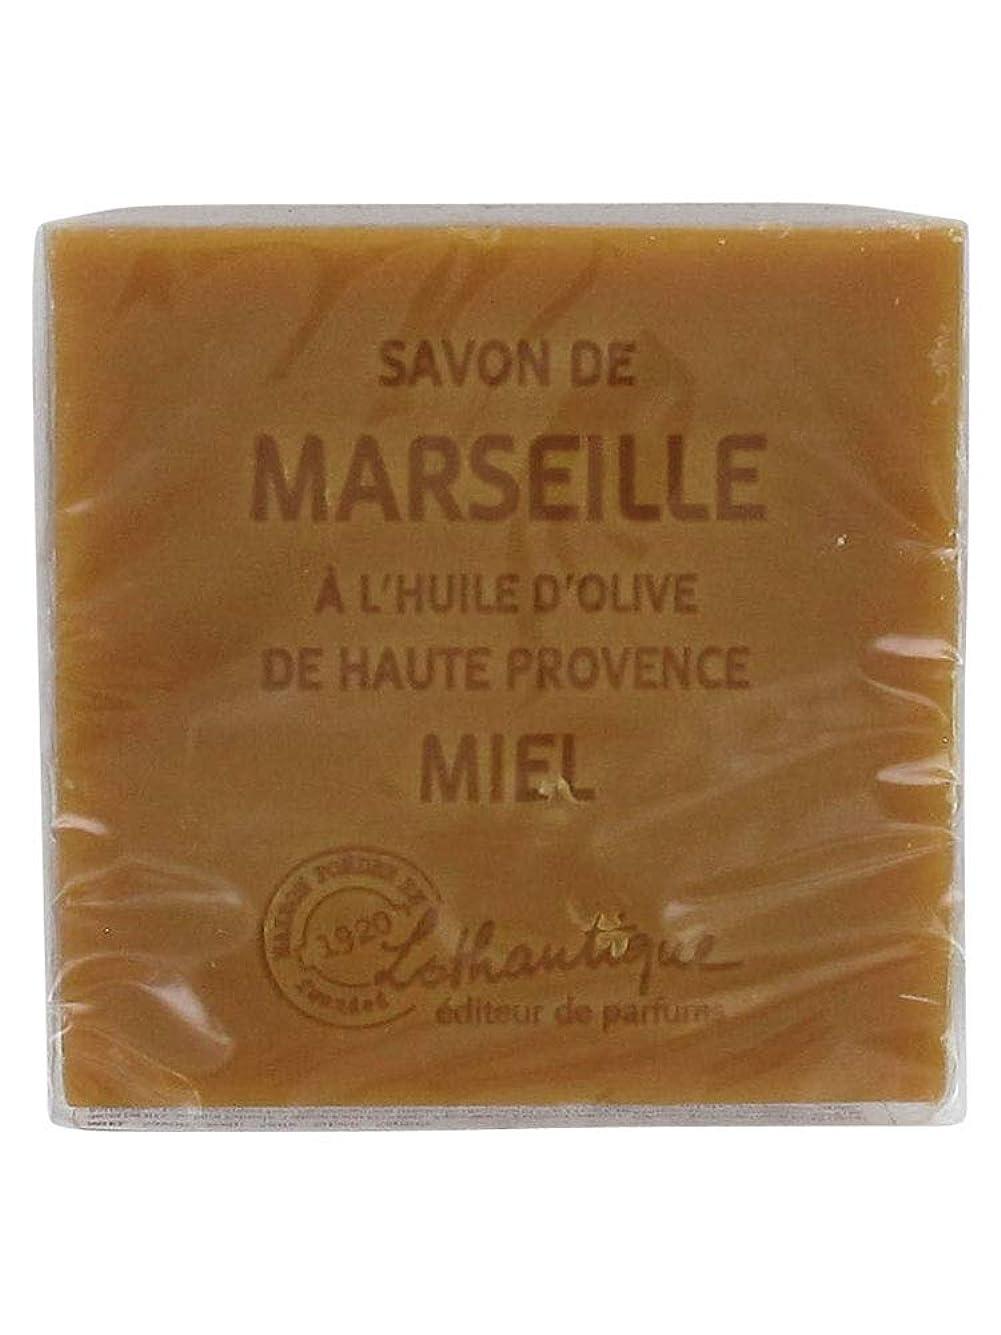 スキー起きてトリムLothantique(ロタンティック) Les savons de Marseille(マルセイユソープ) マルセイユソープ 100g 「ハニー」 3420070038074